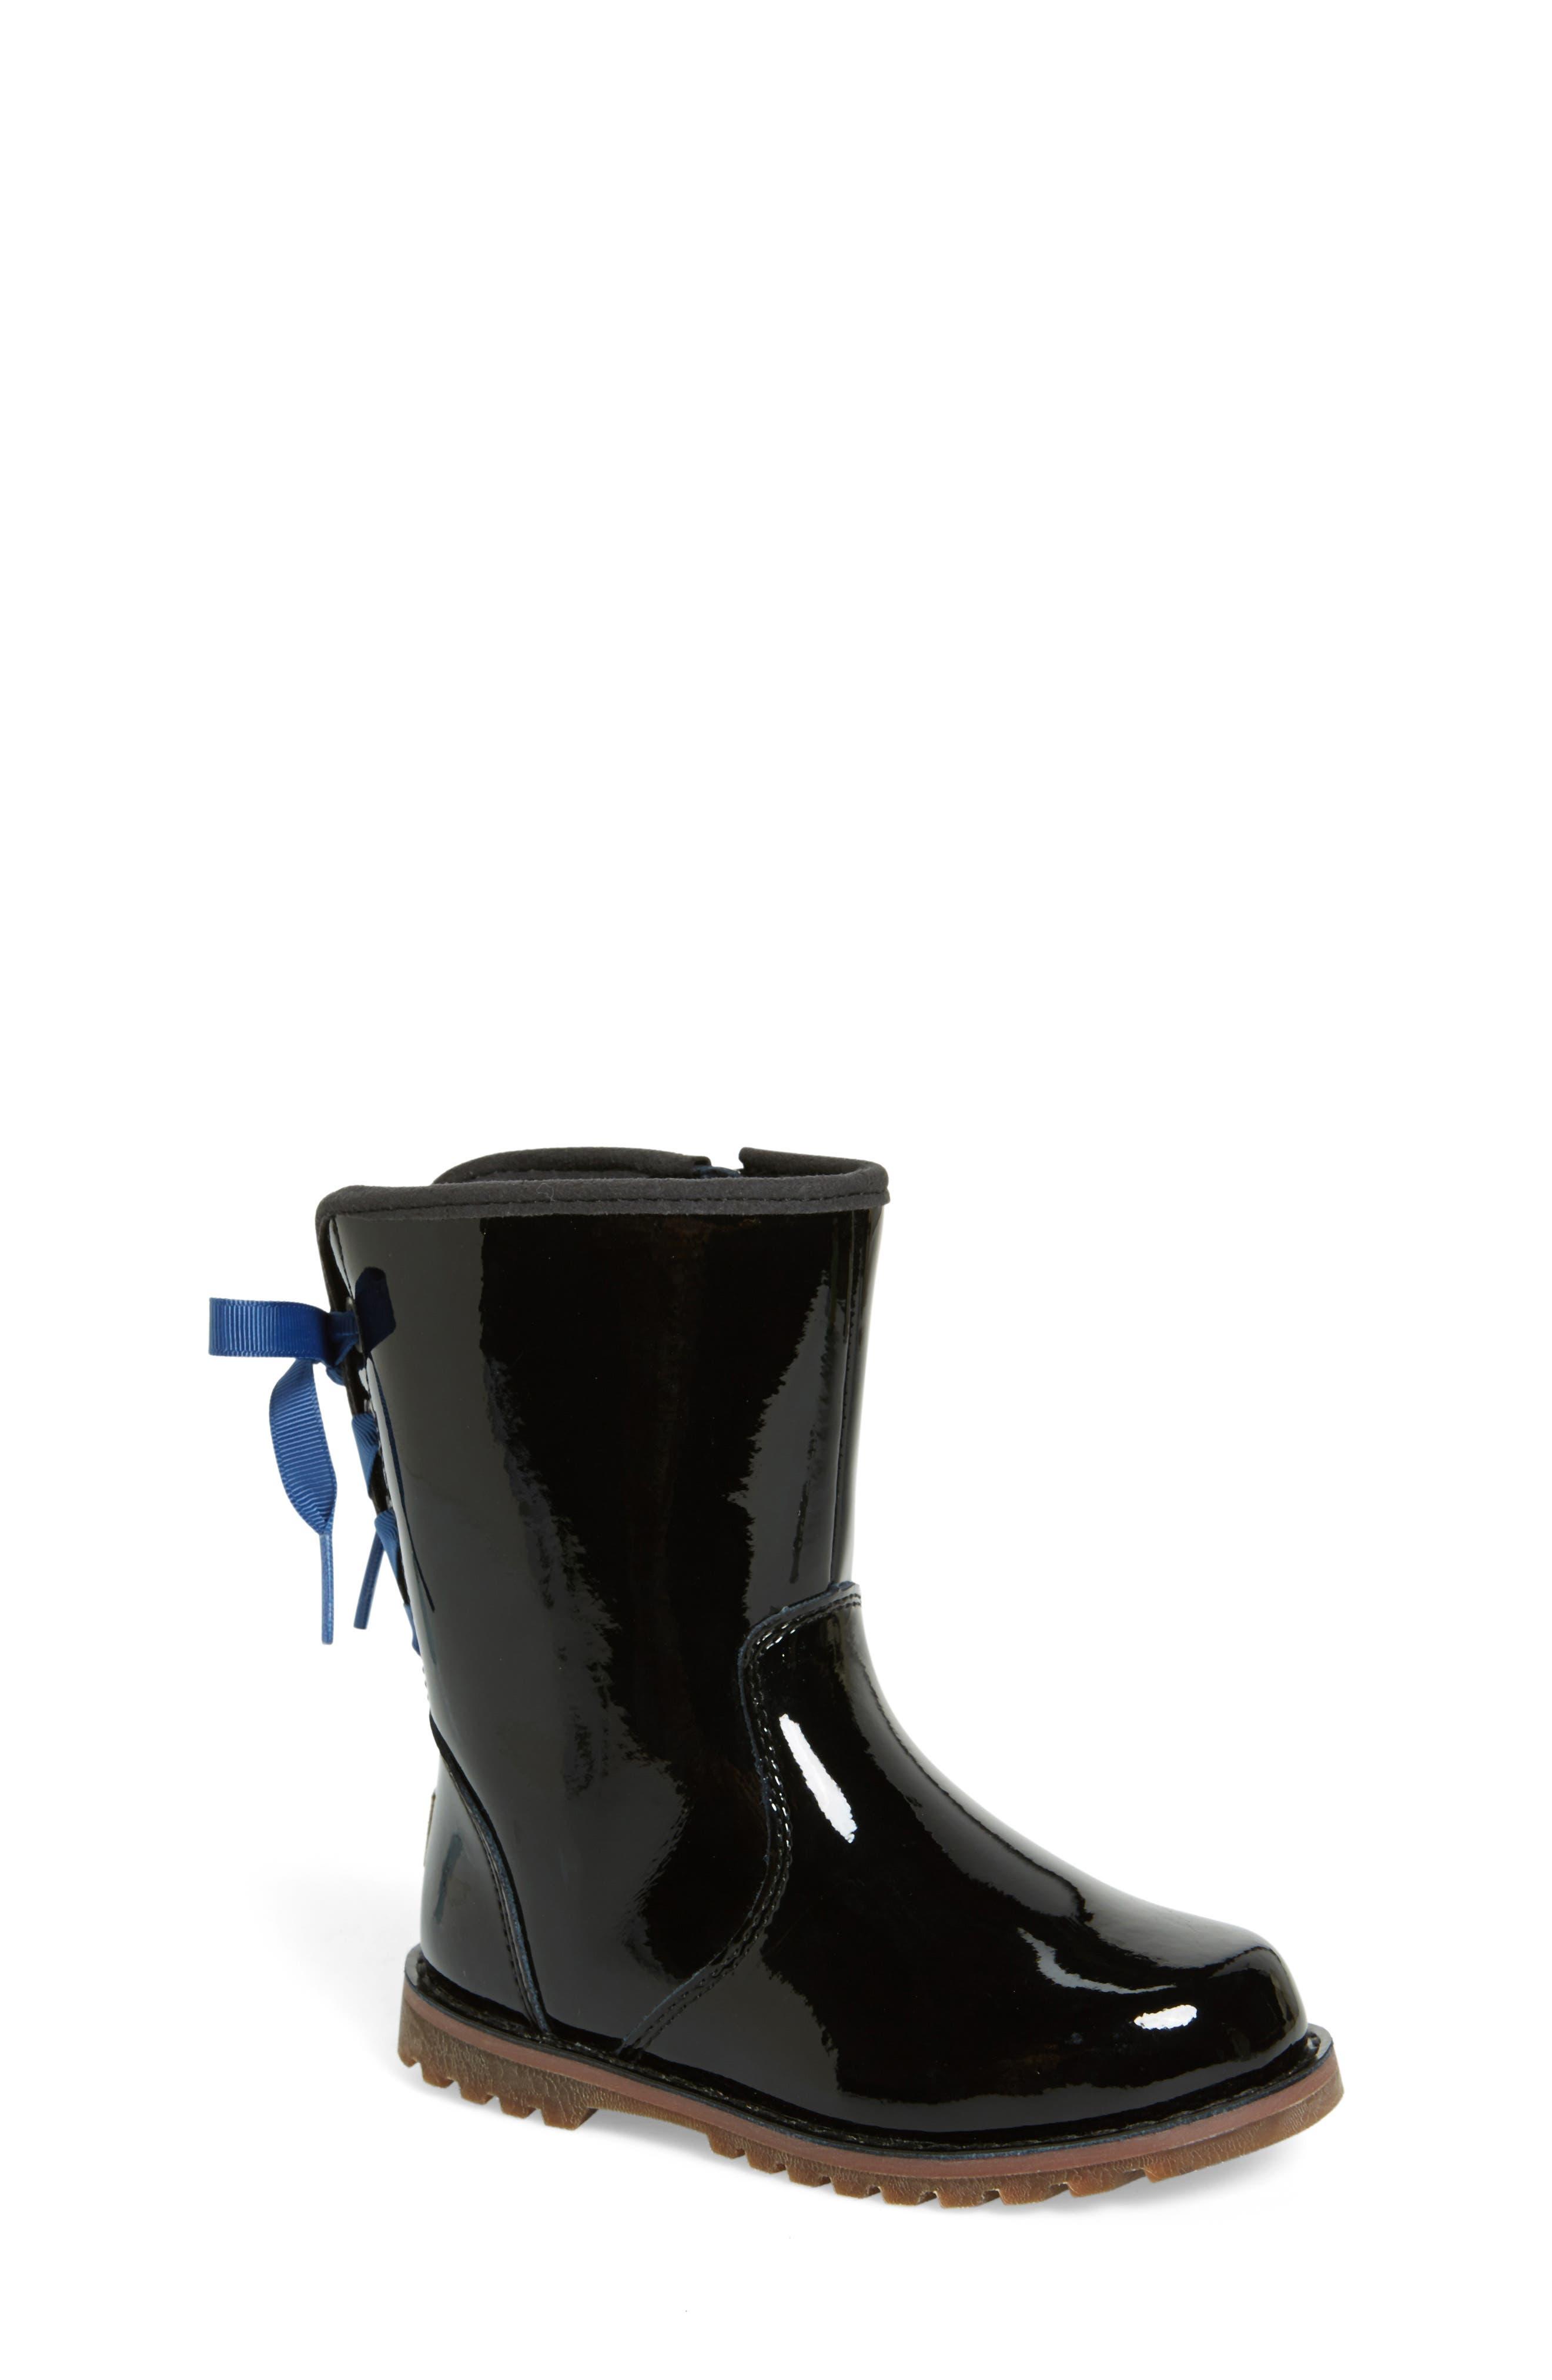 Corene Patent Leather Boot,                             Alternate thumbnail 4, color,                             BLACK/ BLACK